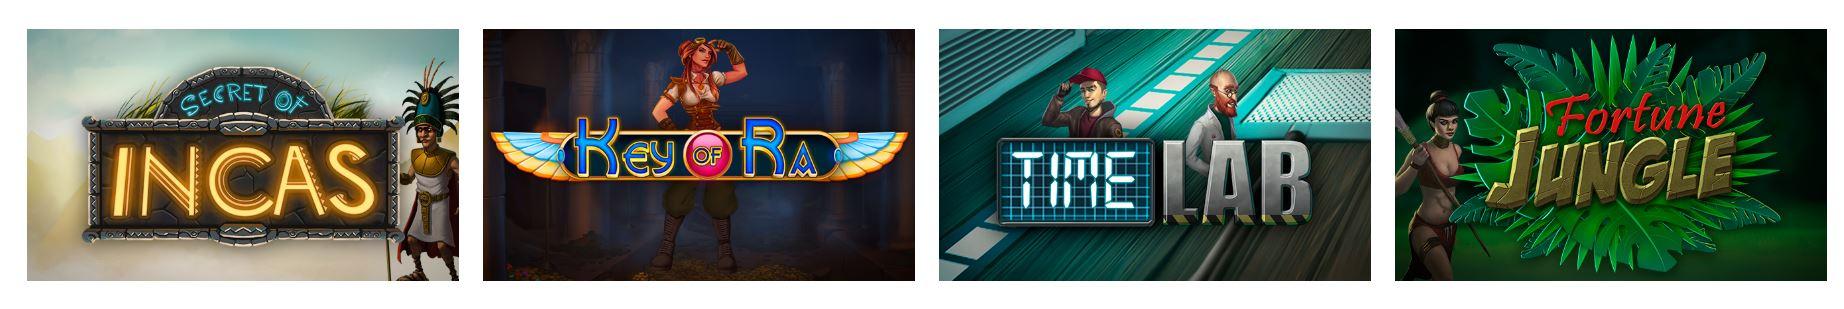 Las tragaperras son uno de los juegos más populares de este casino.